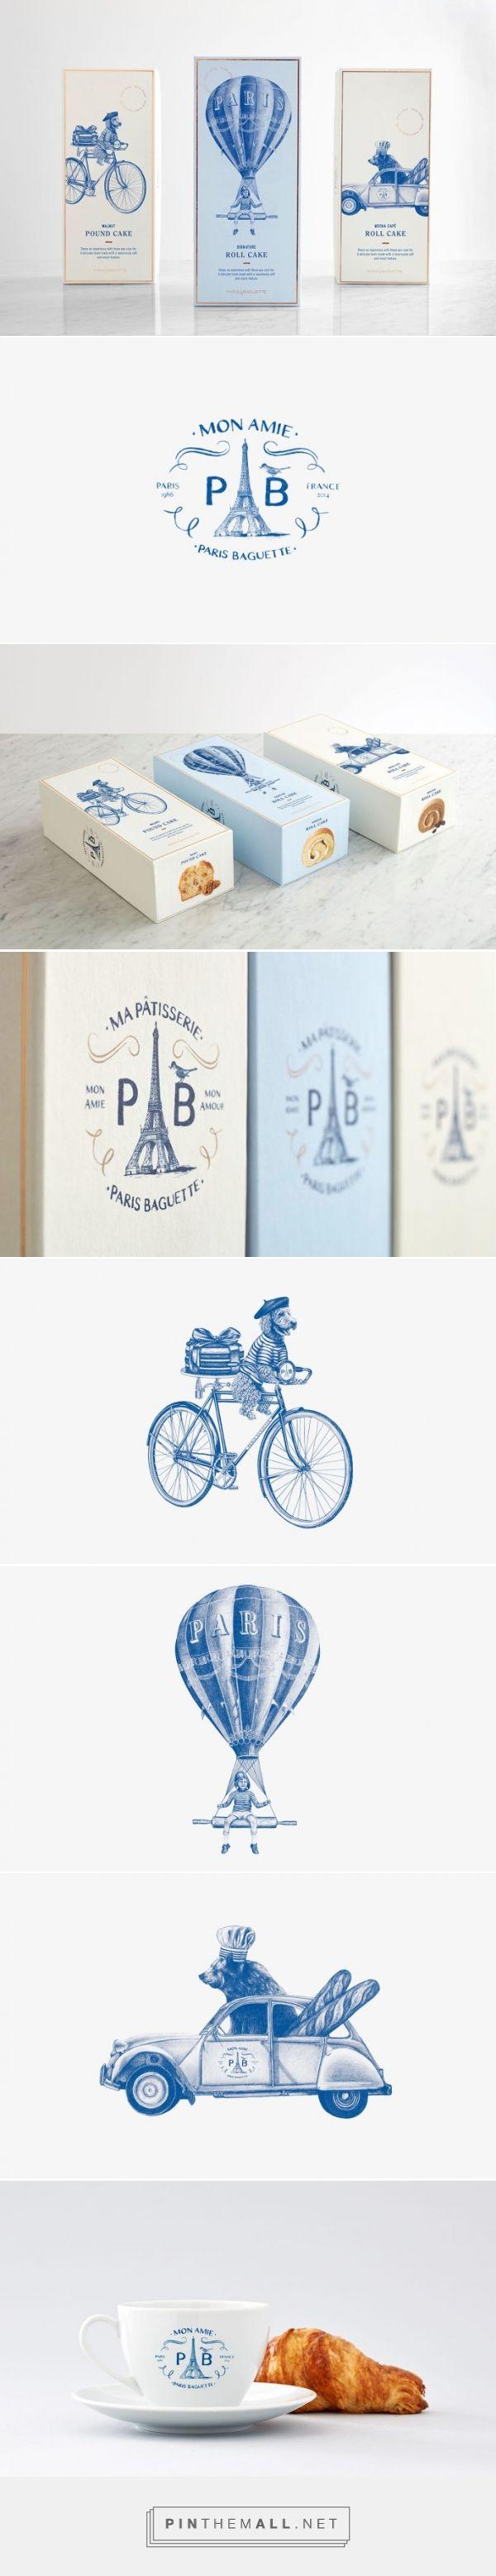 巴黎咖啡館的甜點包裝 | MyDesy 淘靈感 - created via https://pinthemall.net